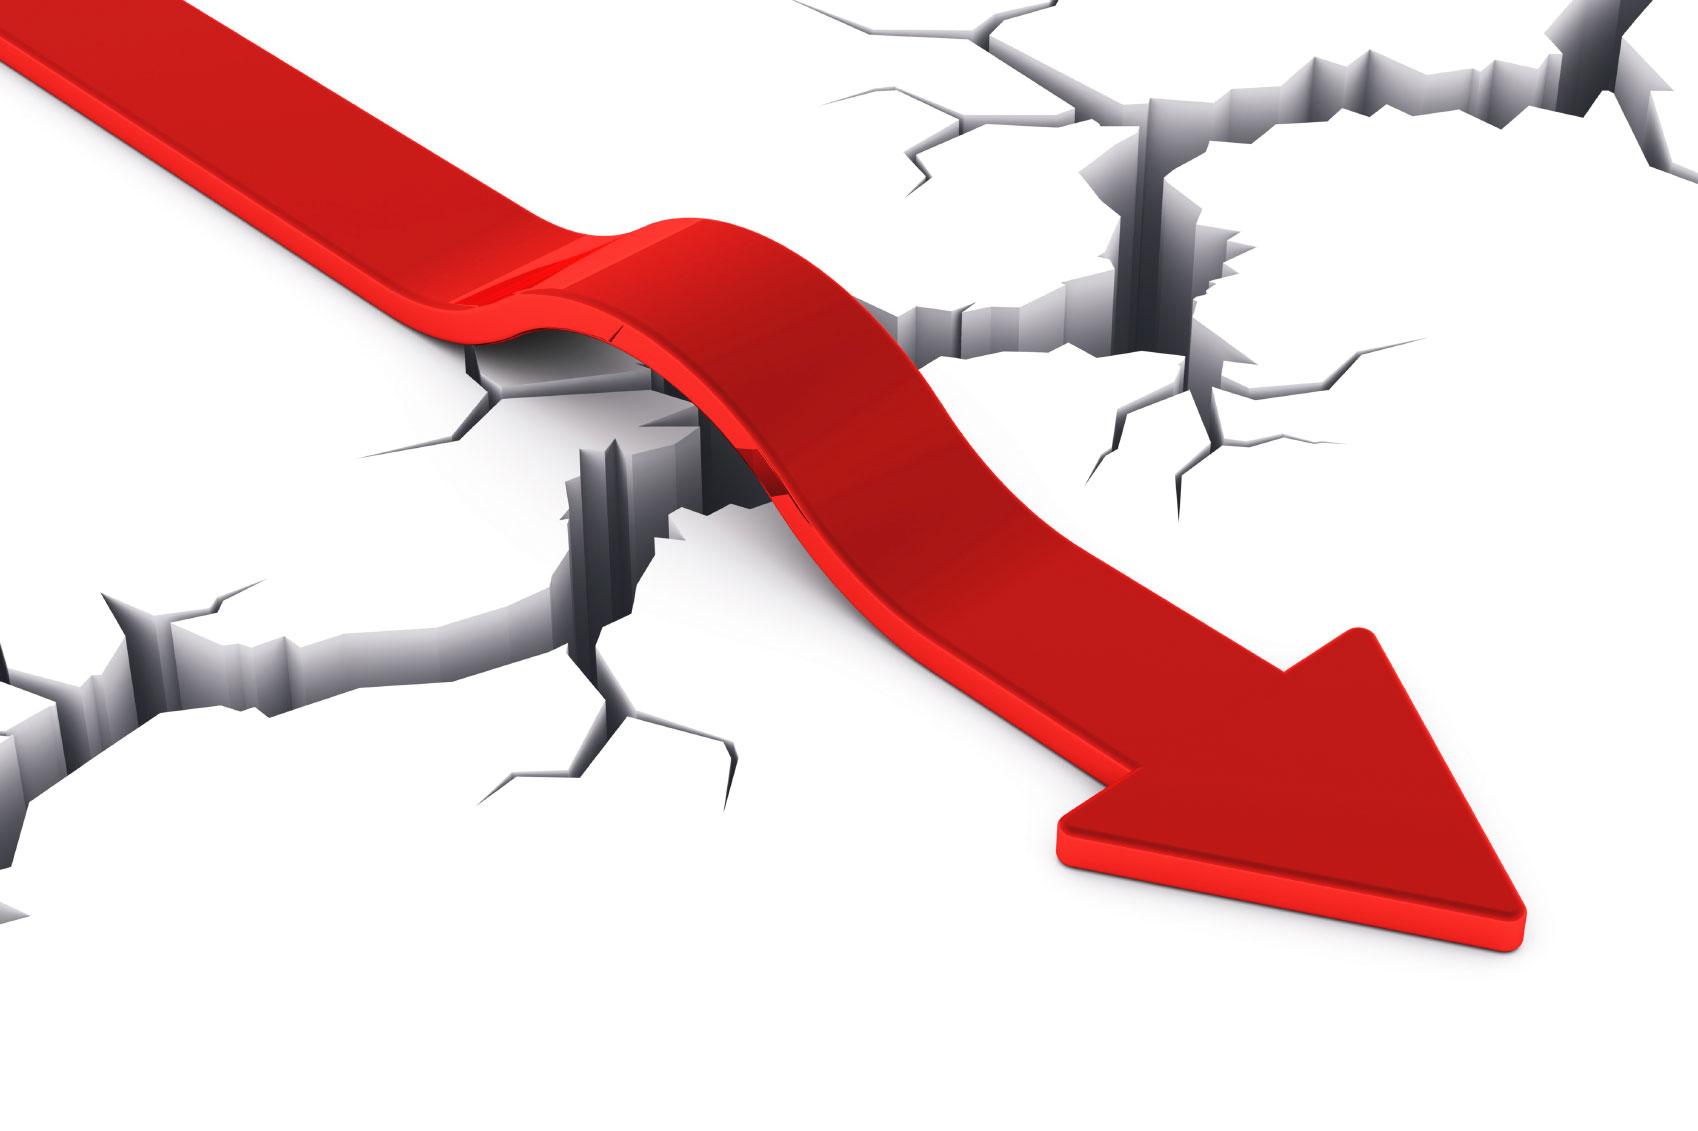 Invertir con margen de seguridad: Características